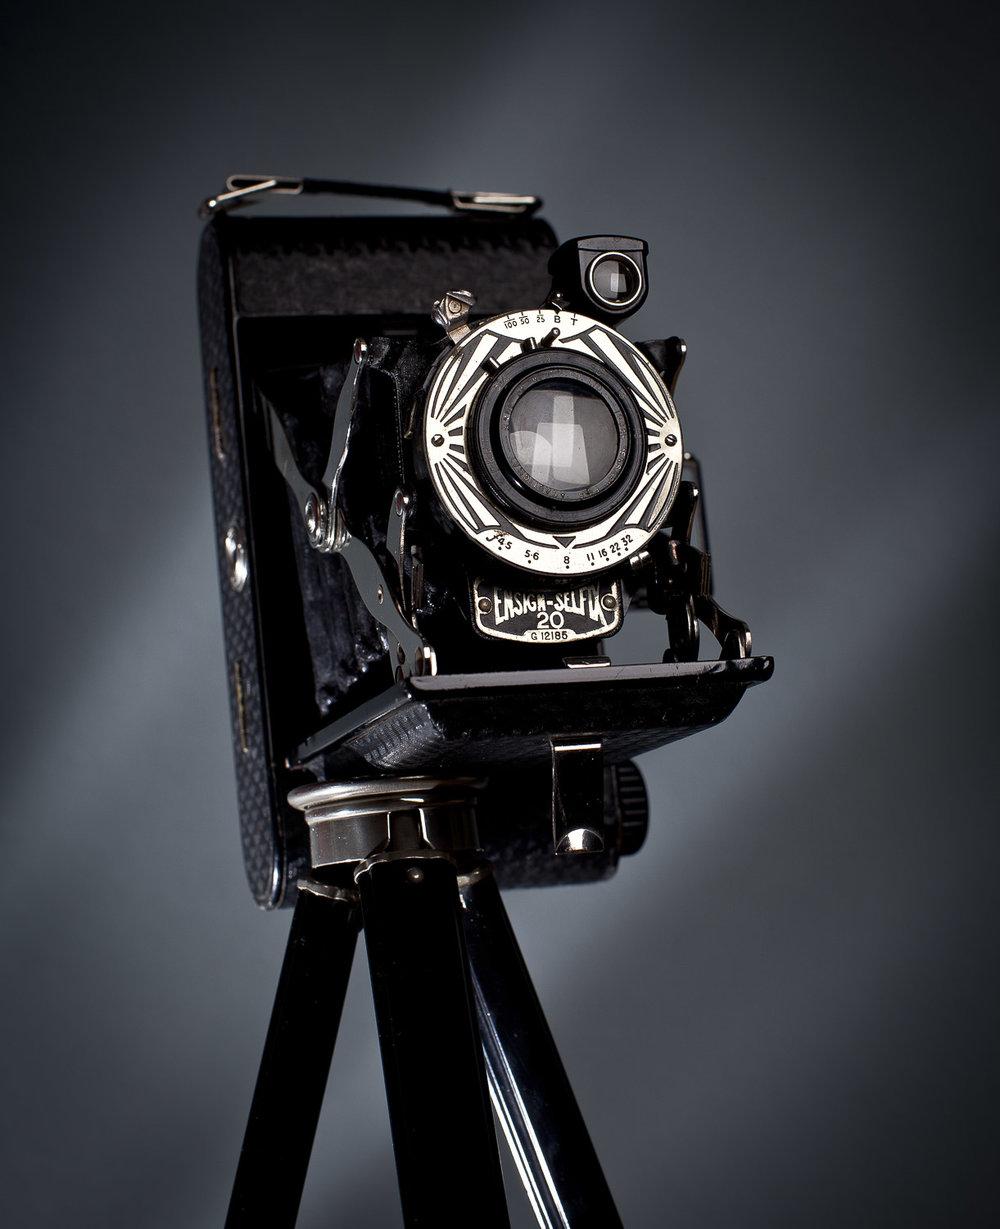 Camera-14October13-7658.jpg